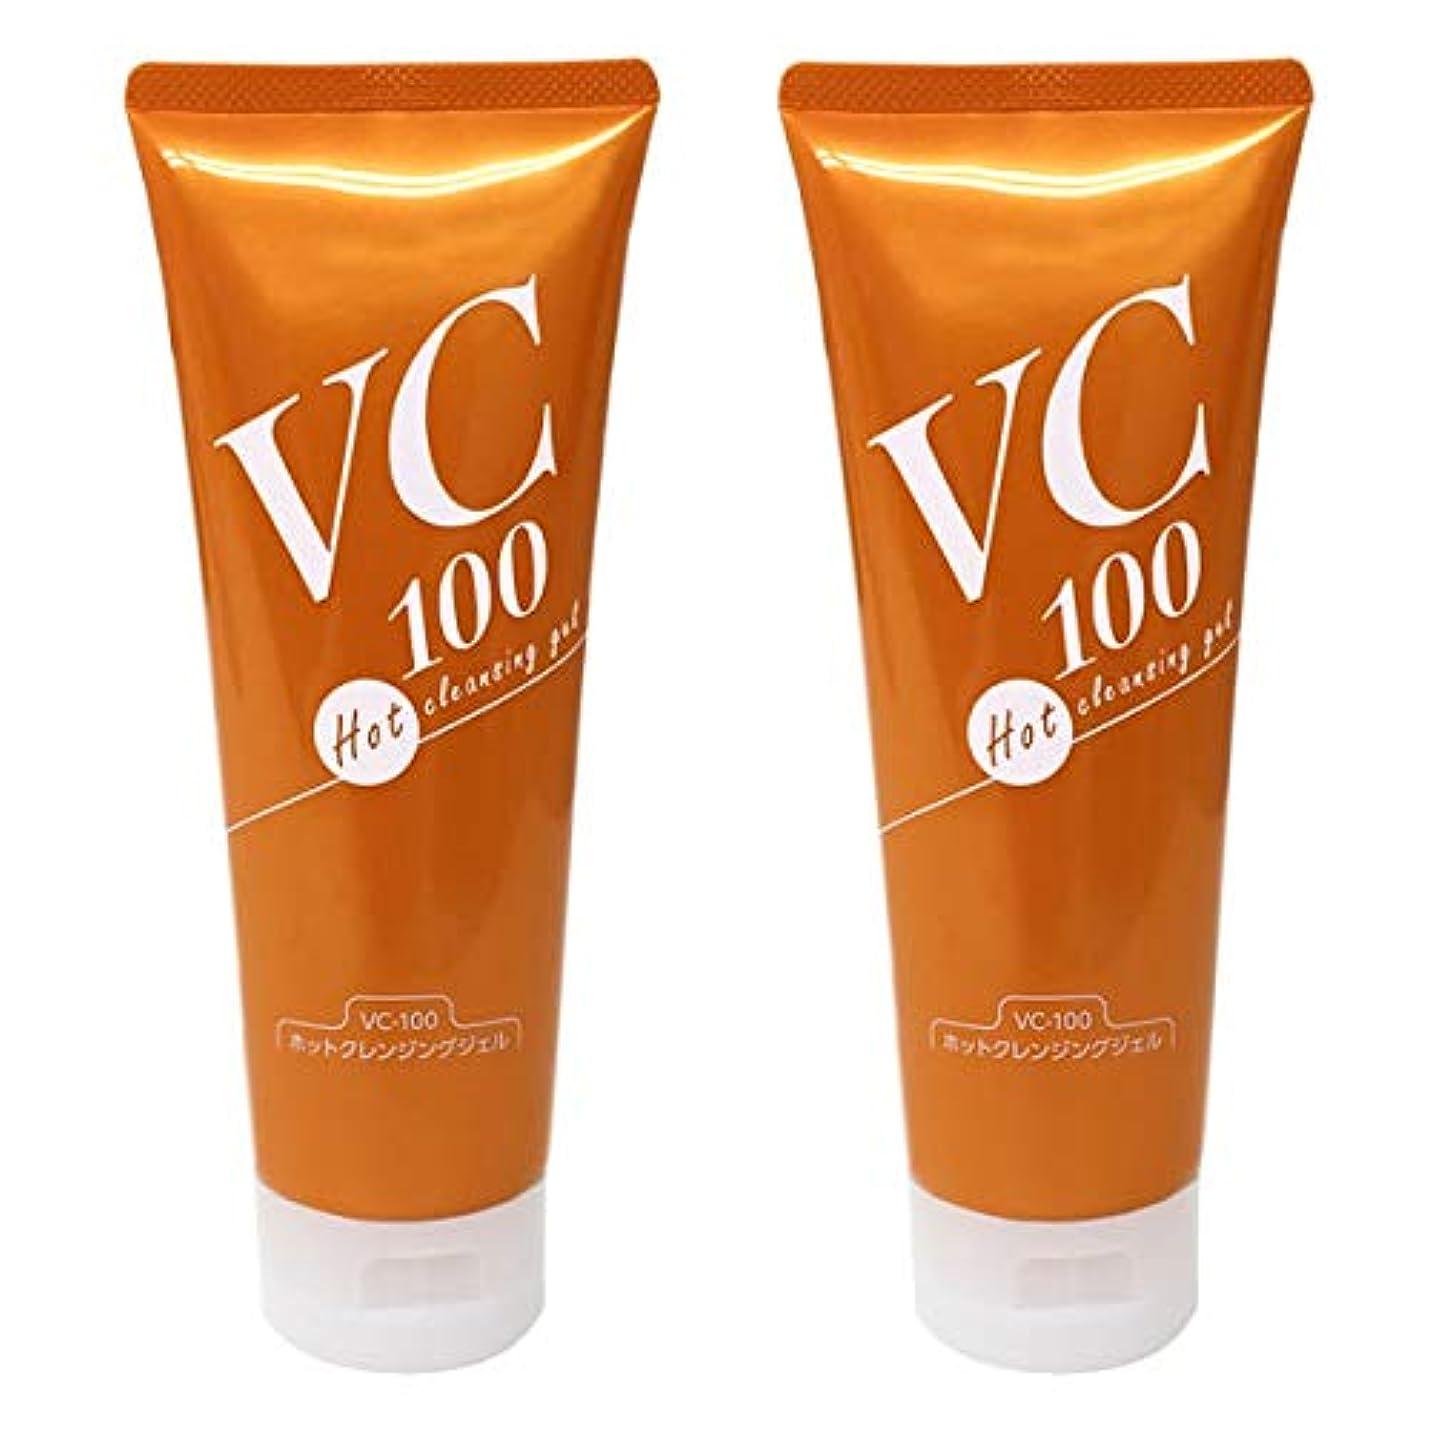 ダニビタミン知恵VC-100ホットクレンジングジェル200g 高浸透型ビタミンC誘導体配合温感クレンジングジェル (2本セット)